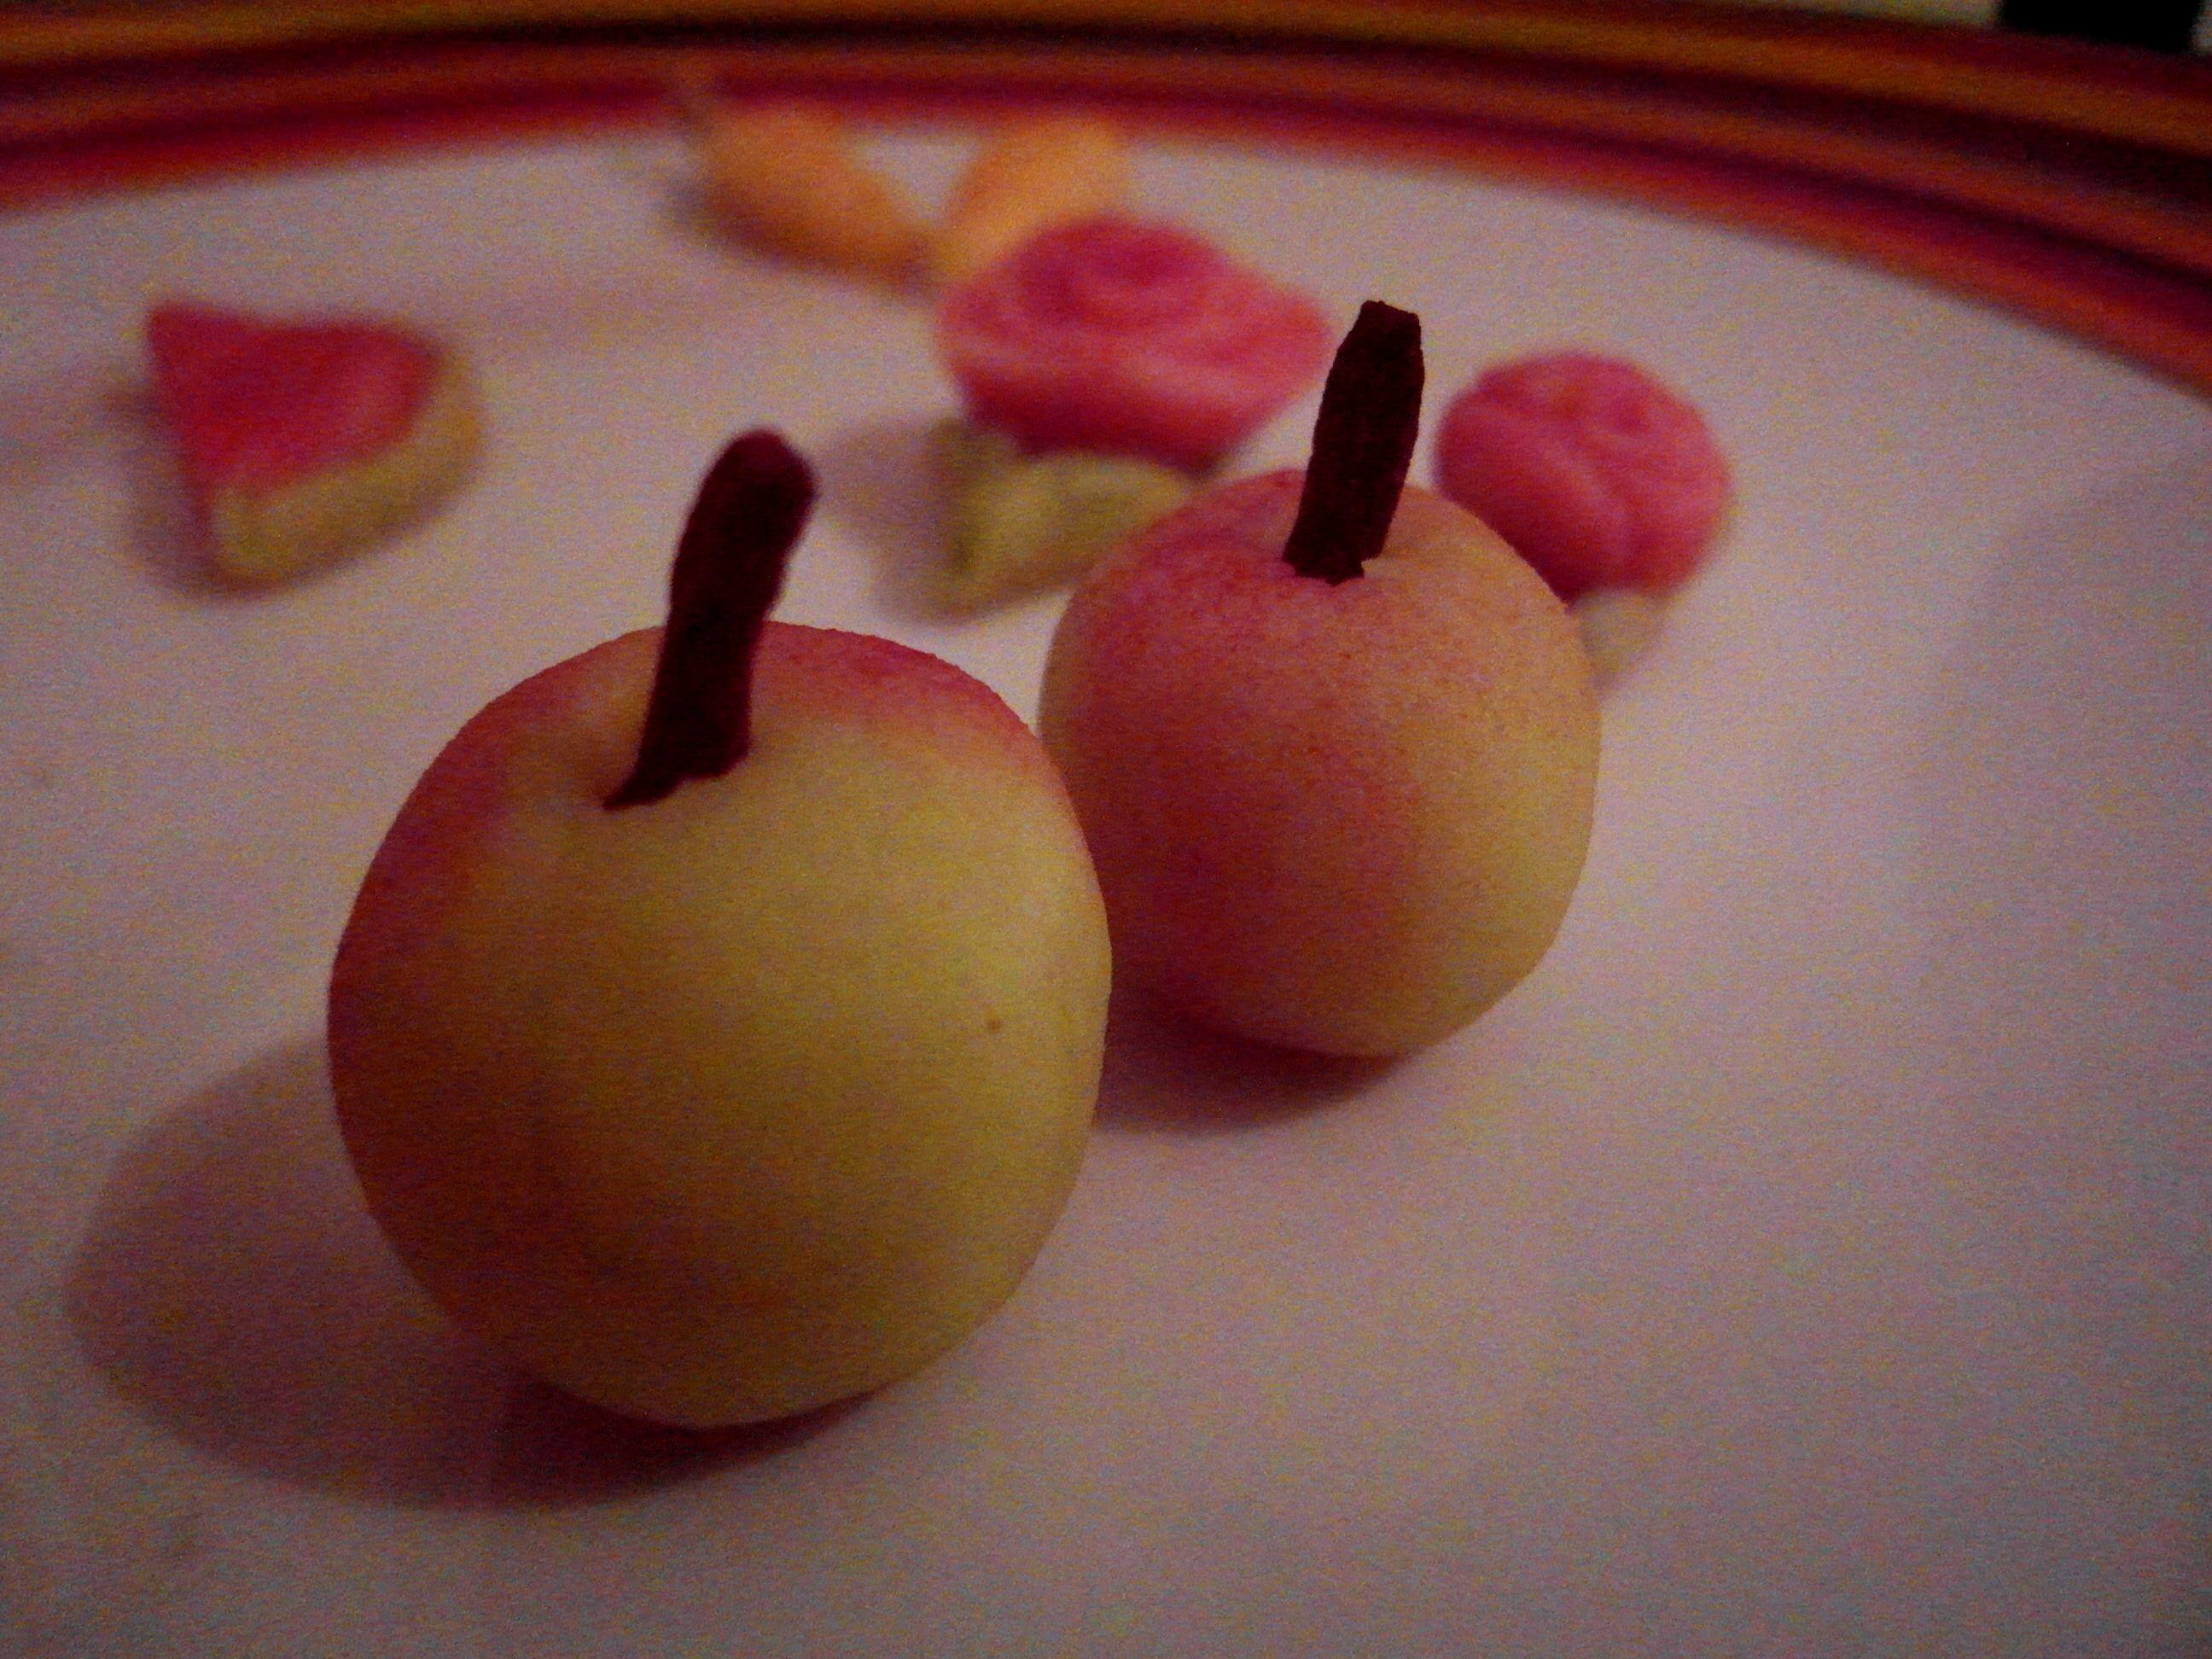 מה אוכלים טבעונים במימונה צבע מאכל טבעי טבעוני פירות מרציפן מתכון של השוחטת הטבעונית יעלי שוחט